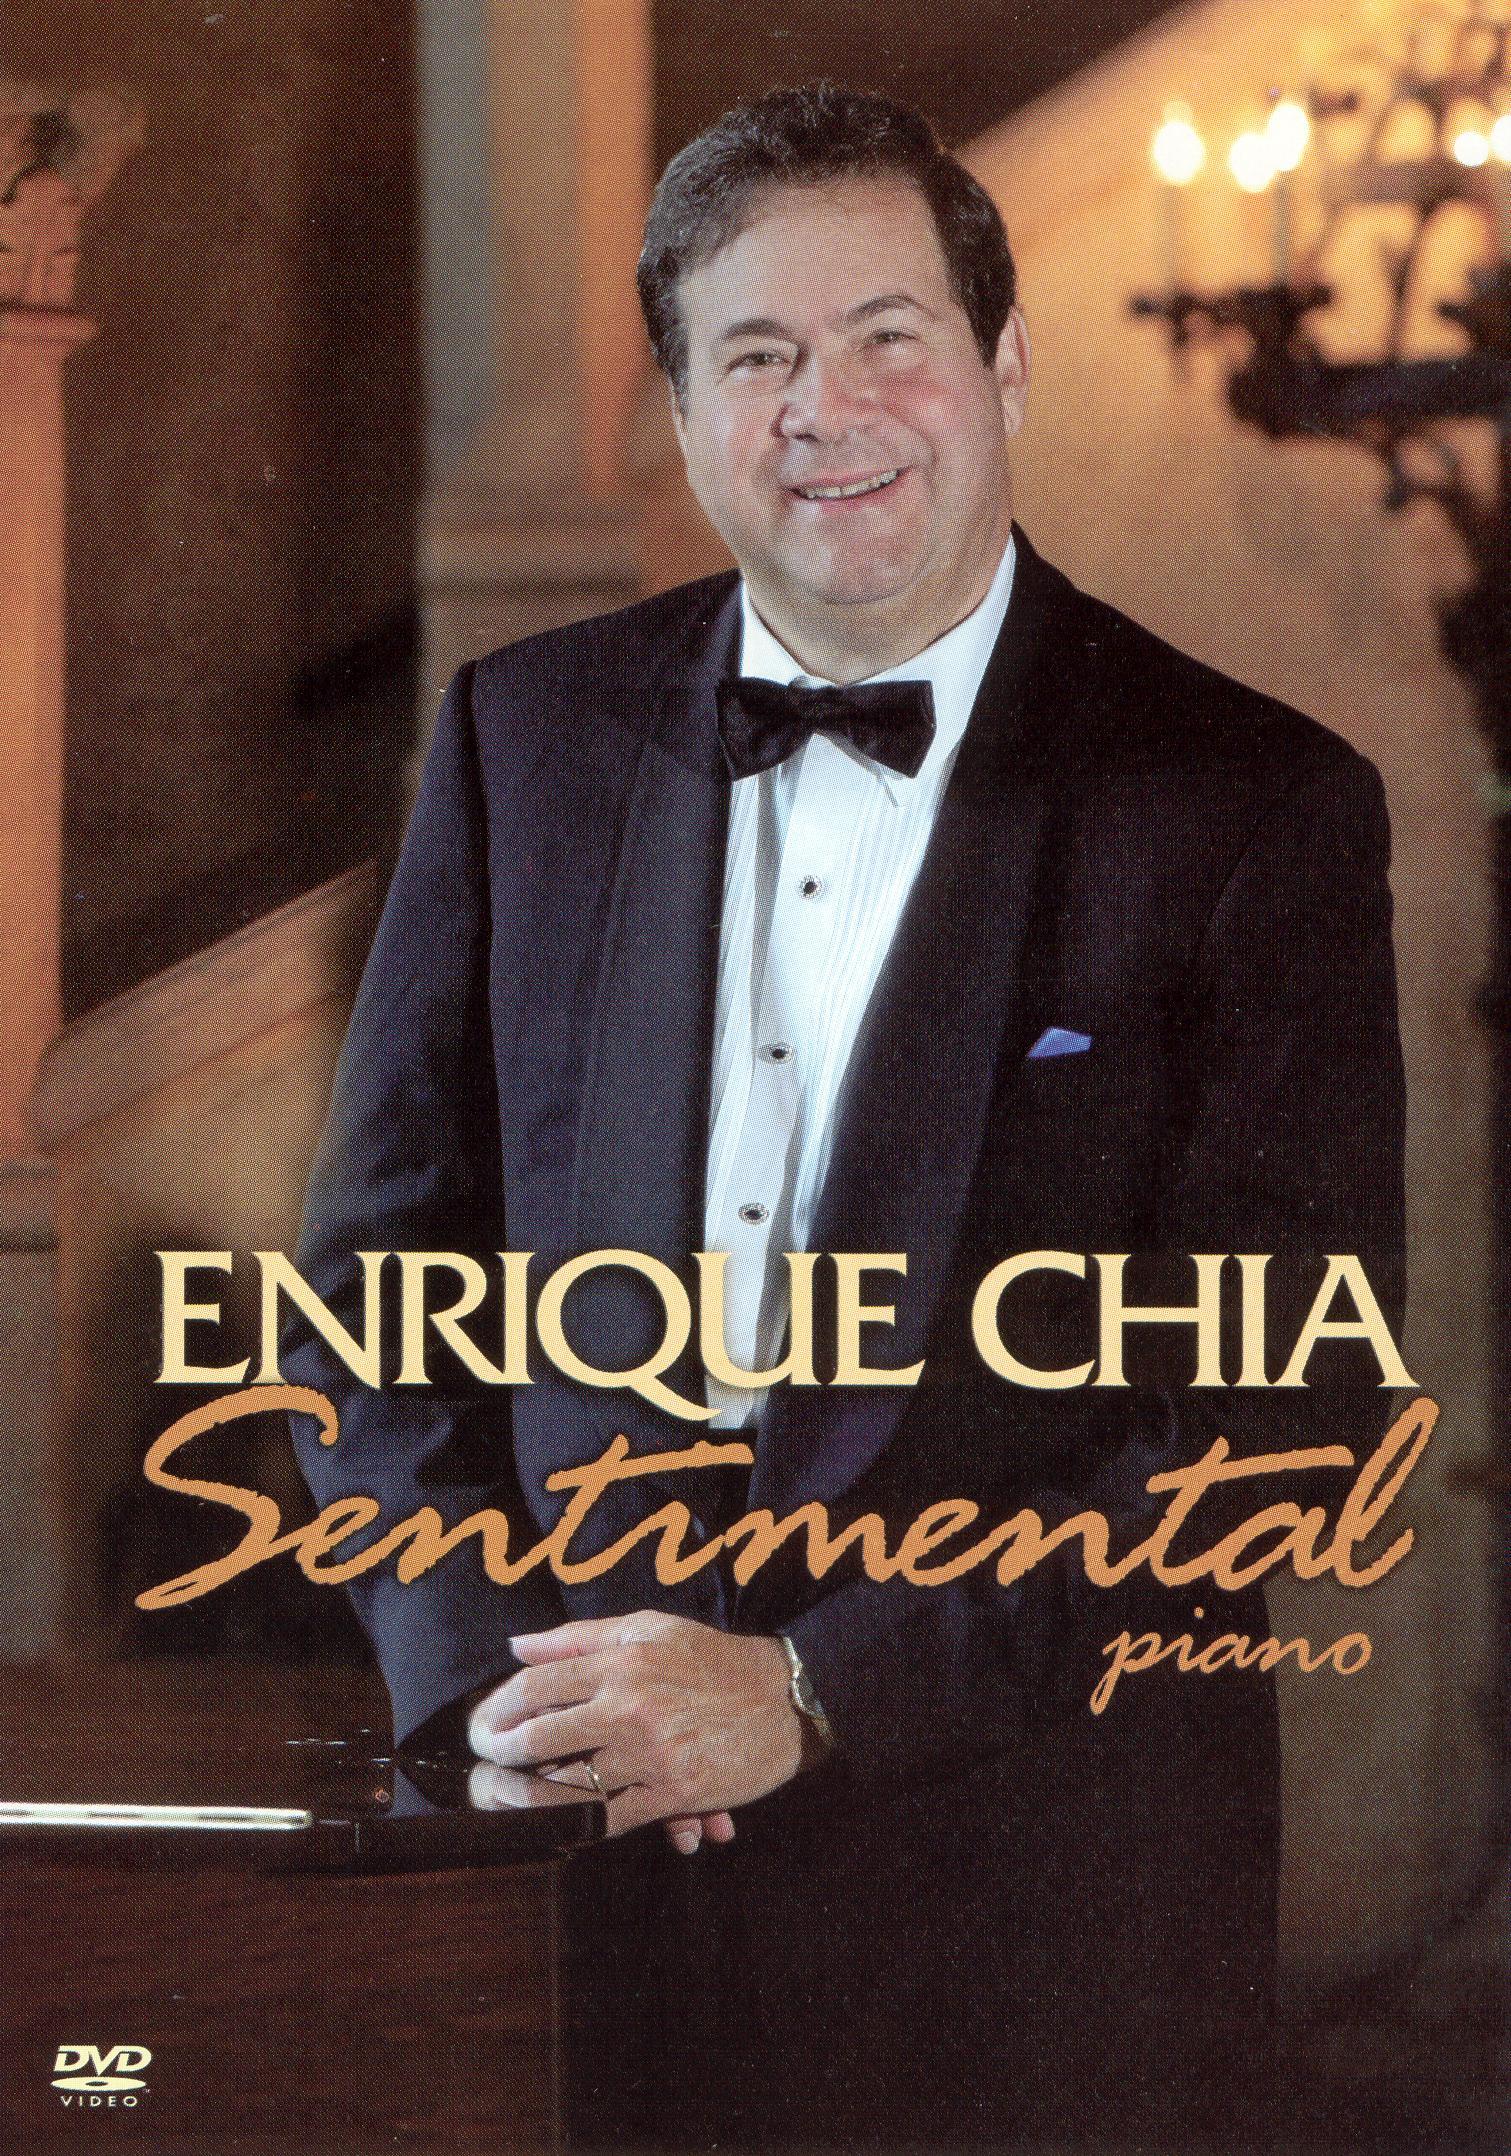 Enrique Chia: Sentimental